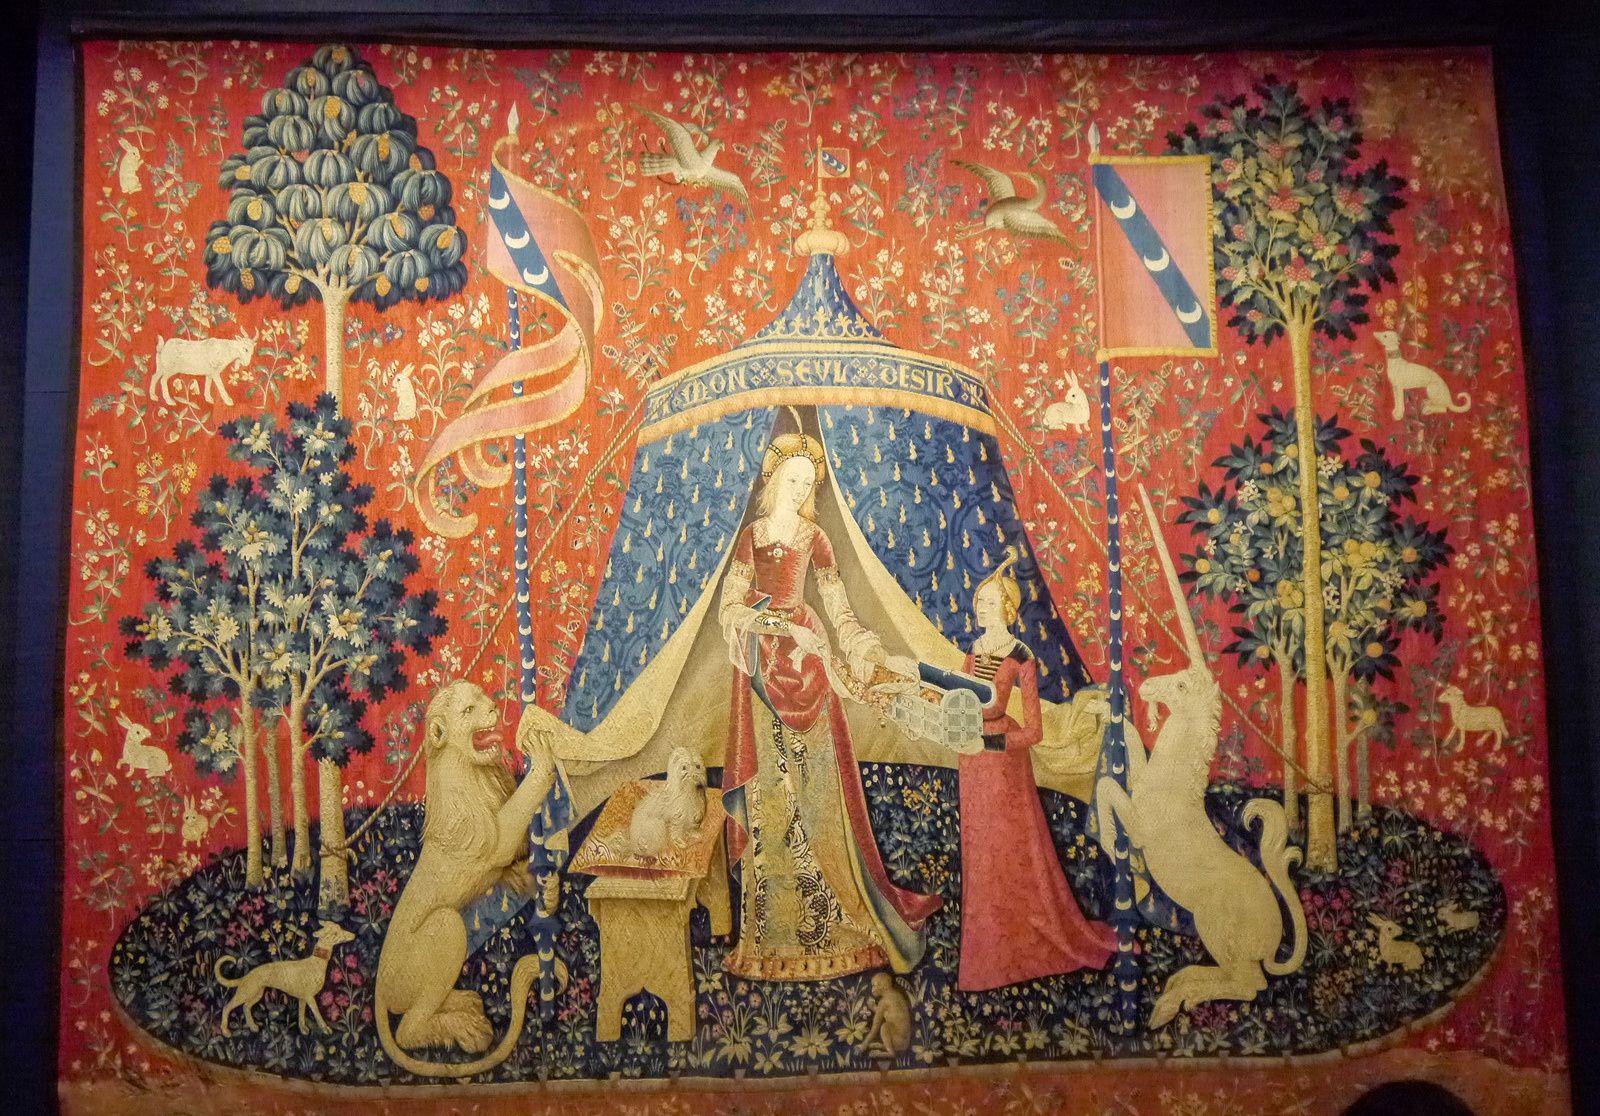 Les Magiques Licornes envahissent le musée de Cluny jusqu'au 25 février 2019